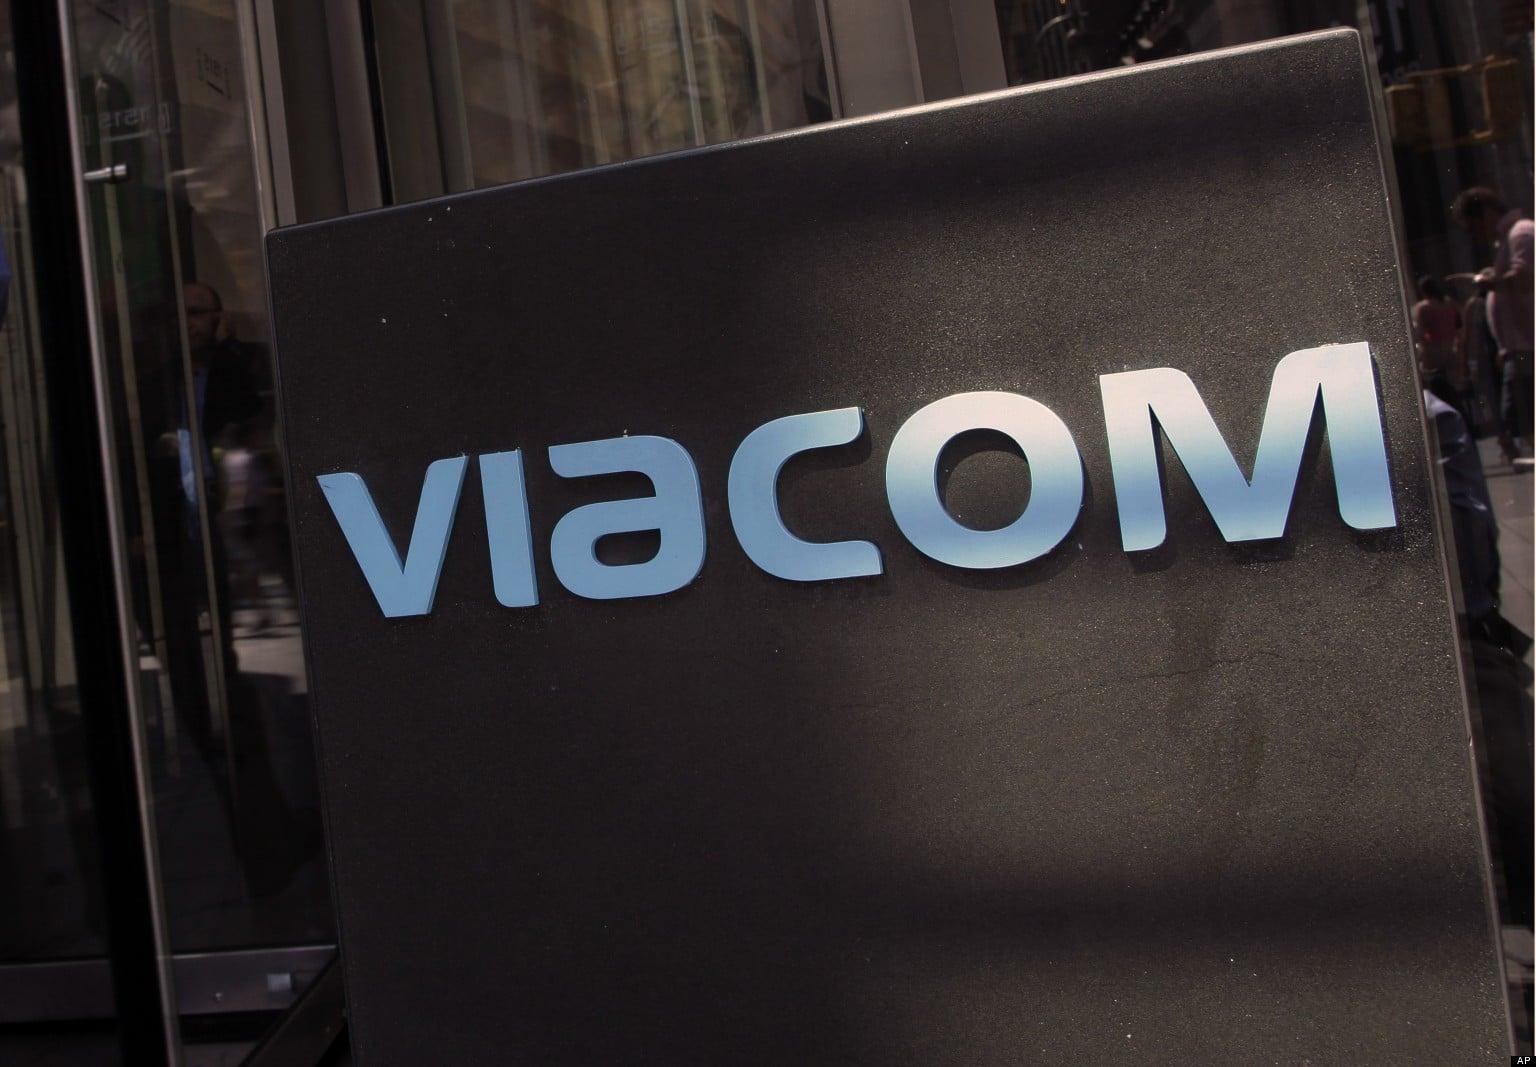 Viacom desistió de continuar con su demanda a Google por Youtube, luego de que firmaran un acuerdo que no ha sido revelado.